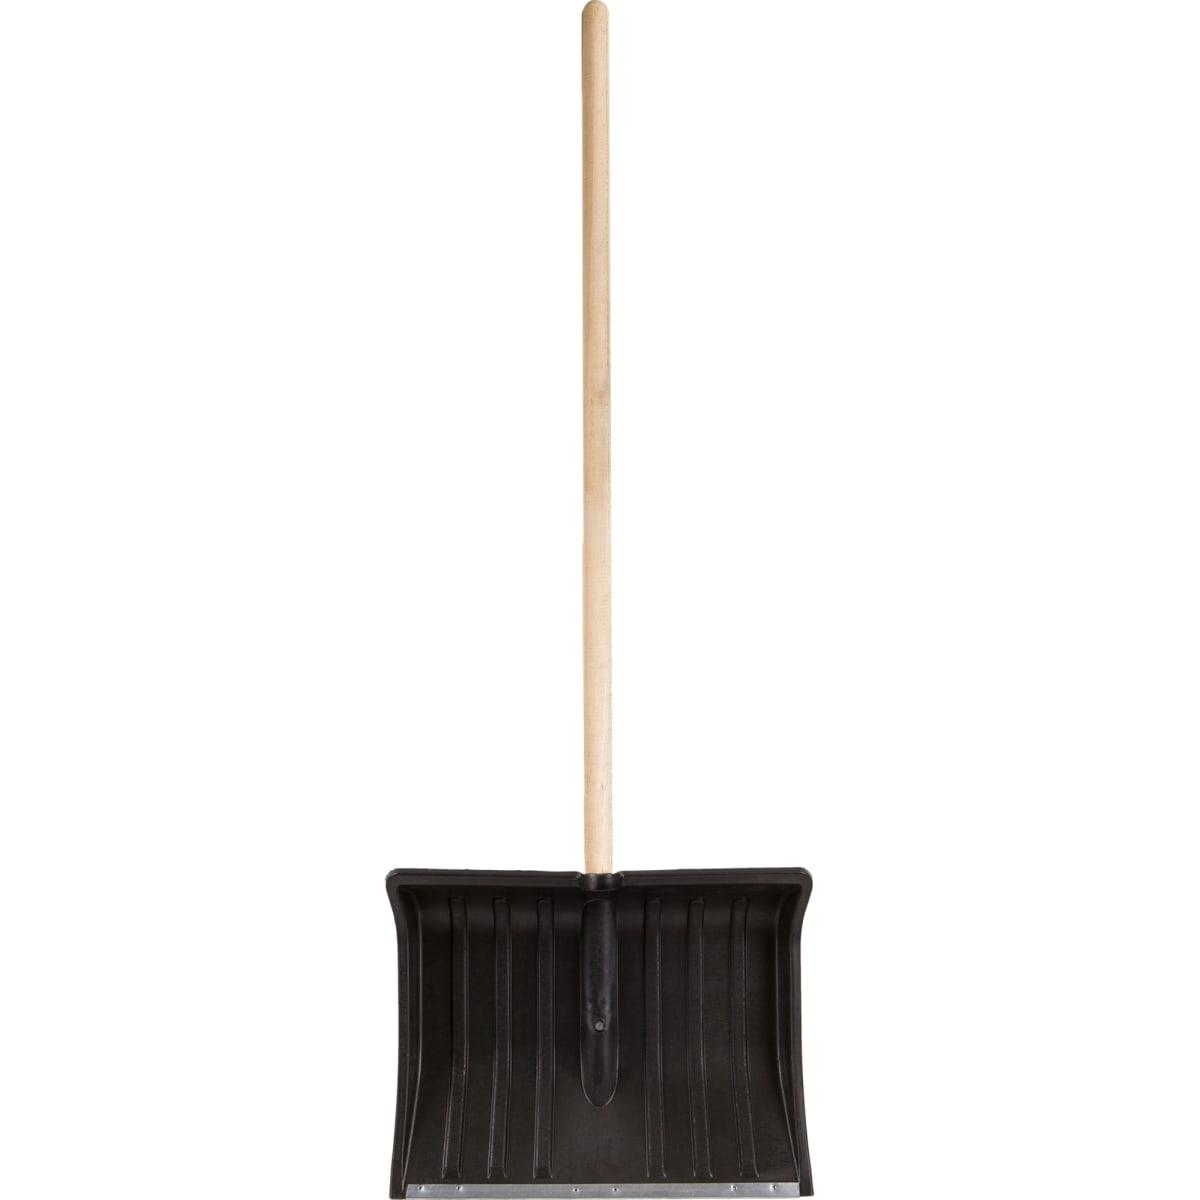 Лопата для уборки снега с планкой 50 см деревянный черенок